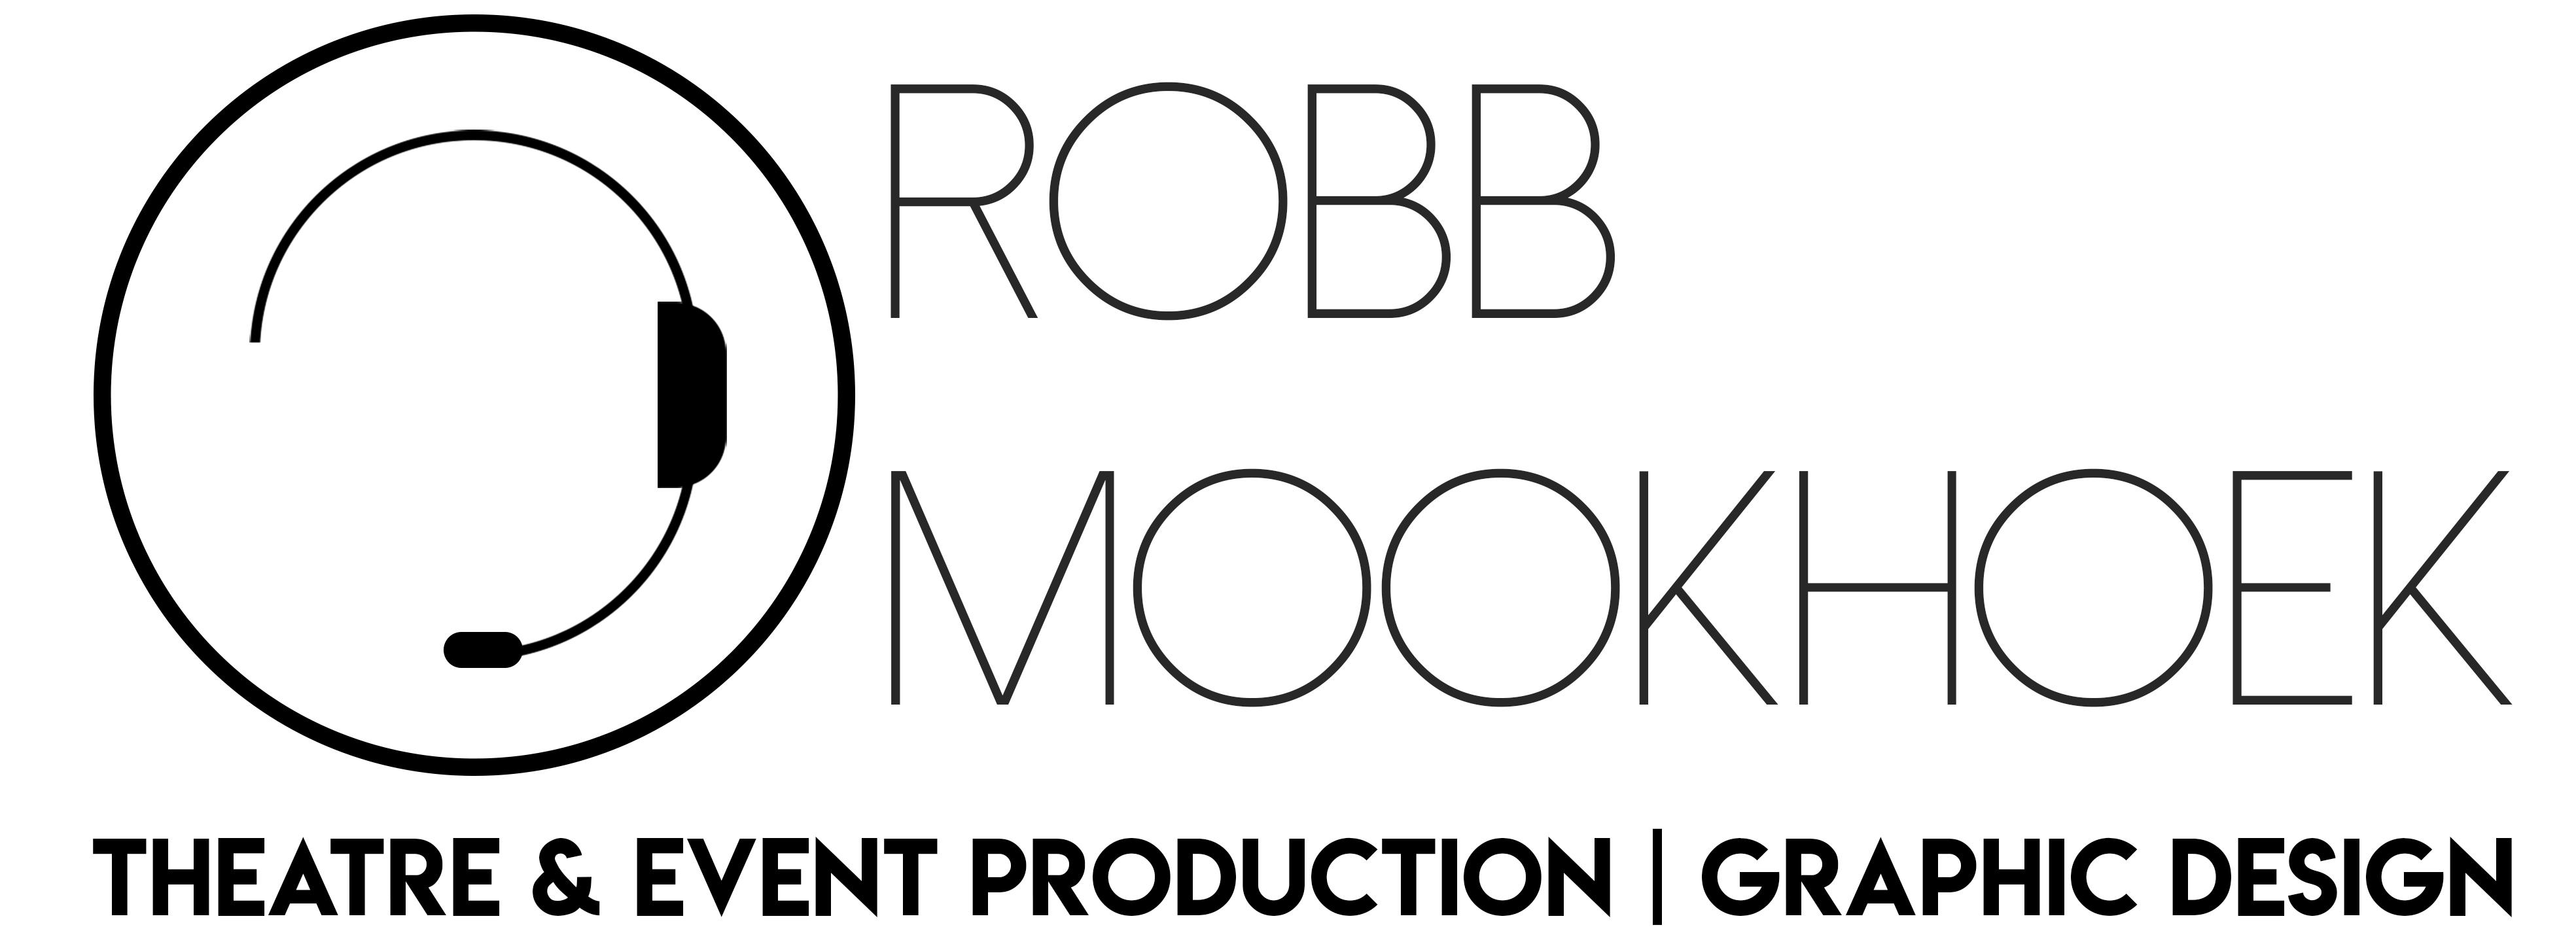 (c) Robbm.co.uk